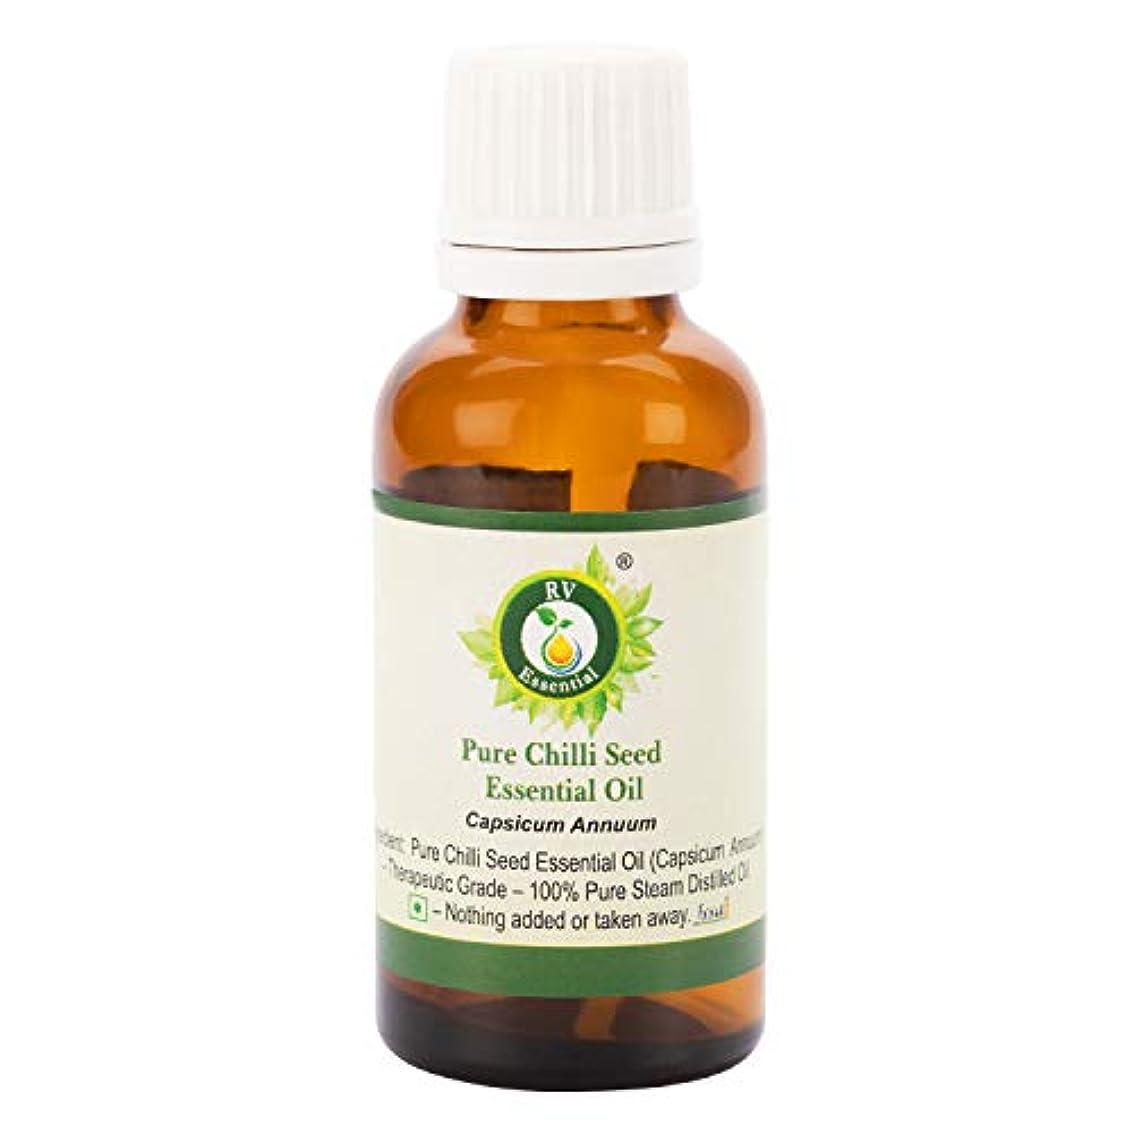 やがて避けられない請求ピュアチリシードエッセンシャルオイル5ml (0.169oz)- Capsicum Annuum (100%純粋&天然スチームDistilled) Pure Chilli Seed Essential Oil